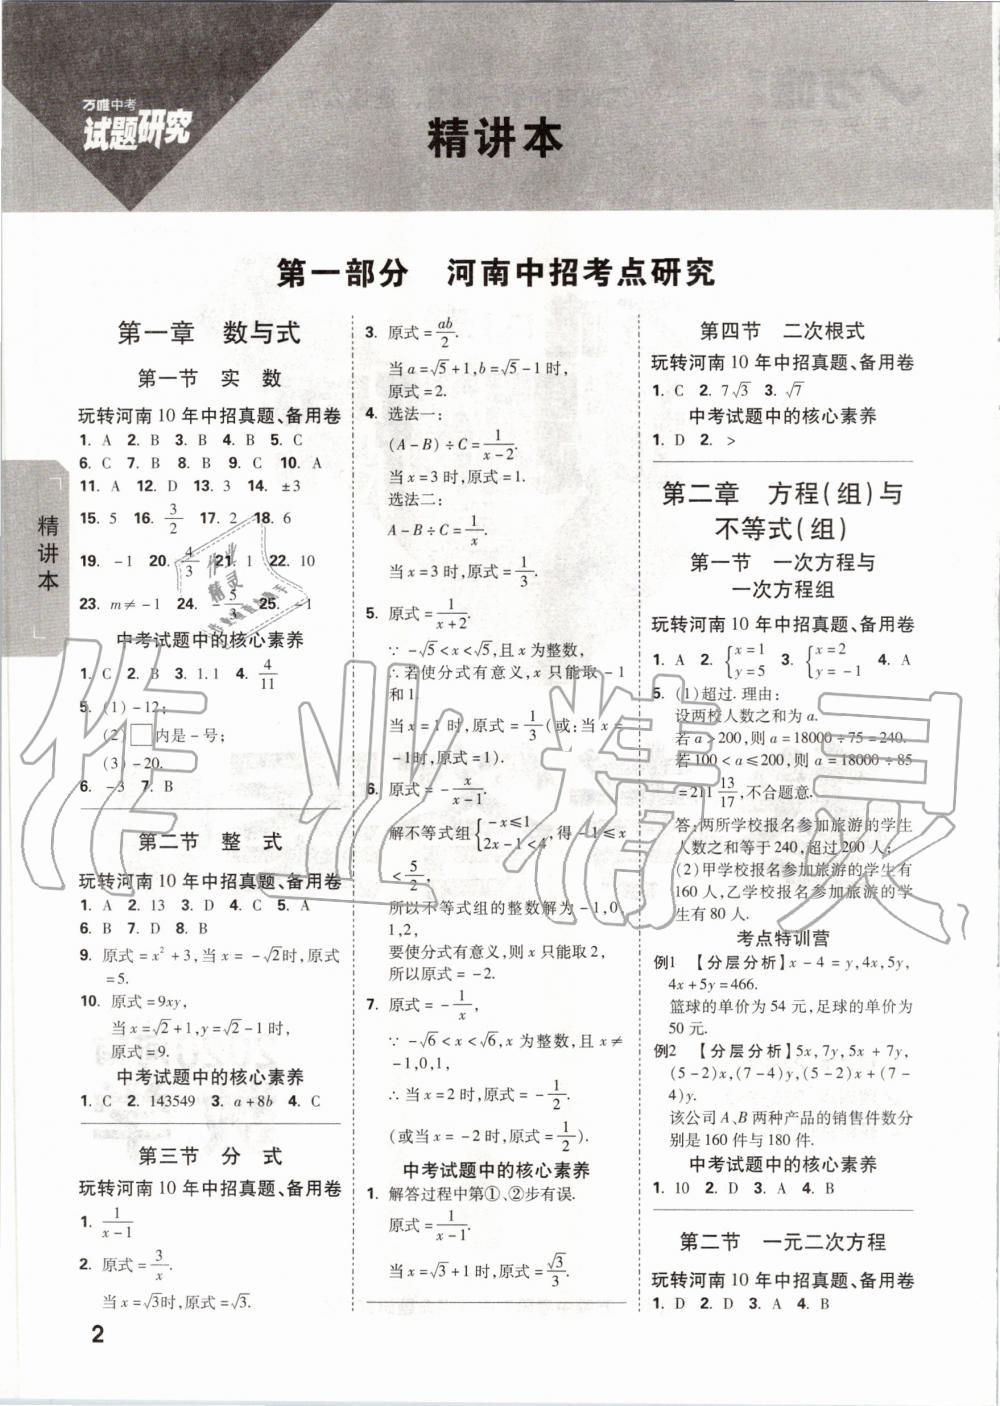 2020年万唯中考试题研究数学河南专版第1页